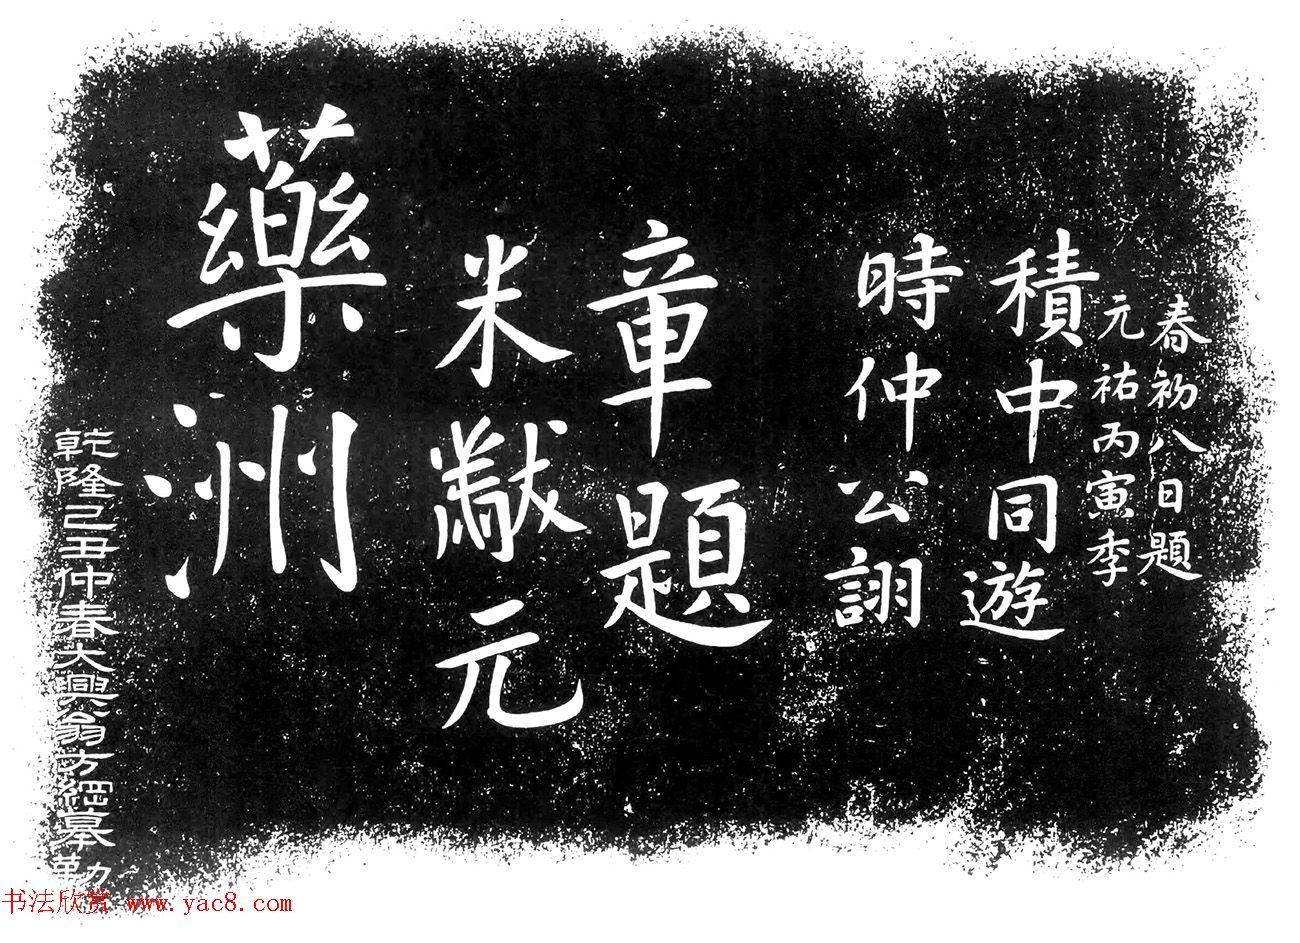 米芾楷书题字药州石刻2种